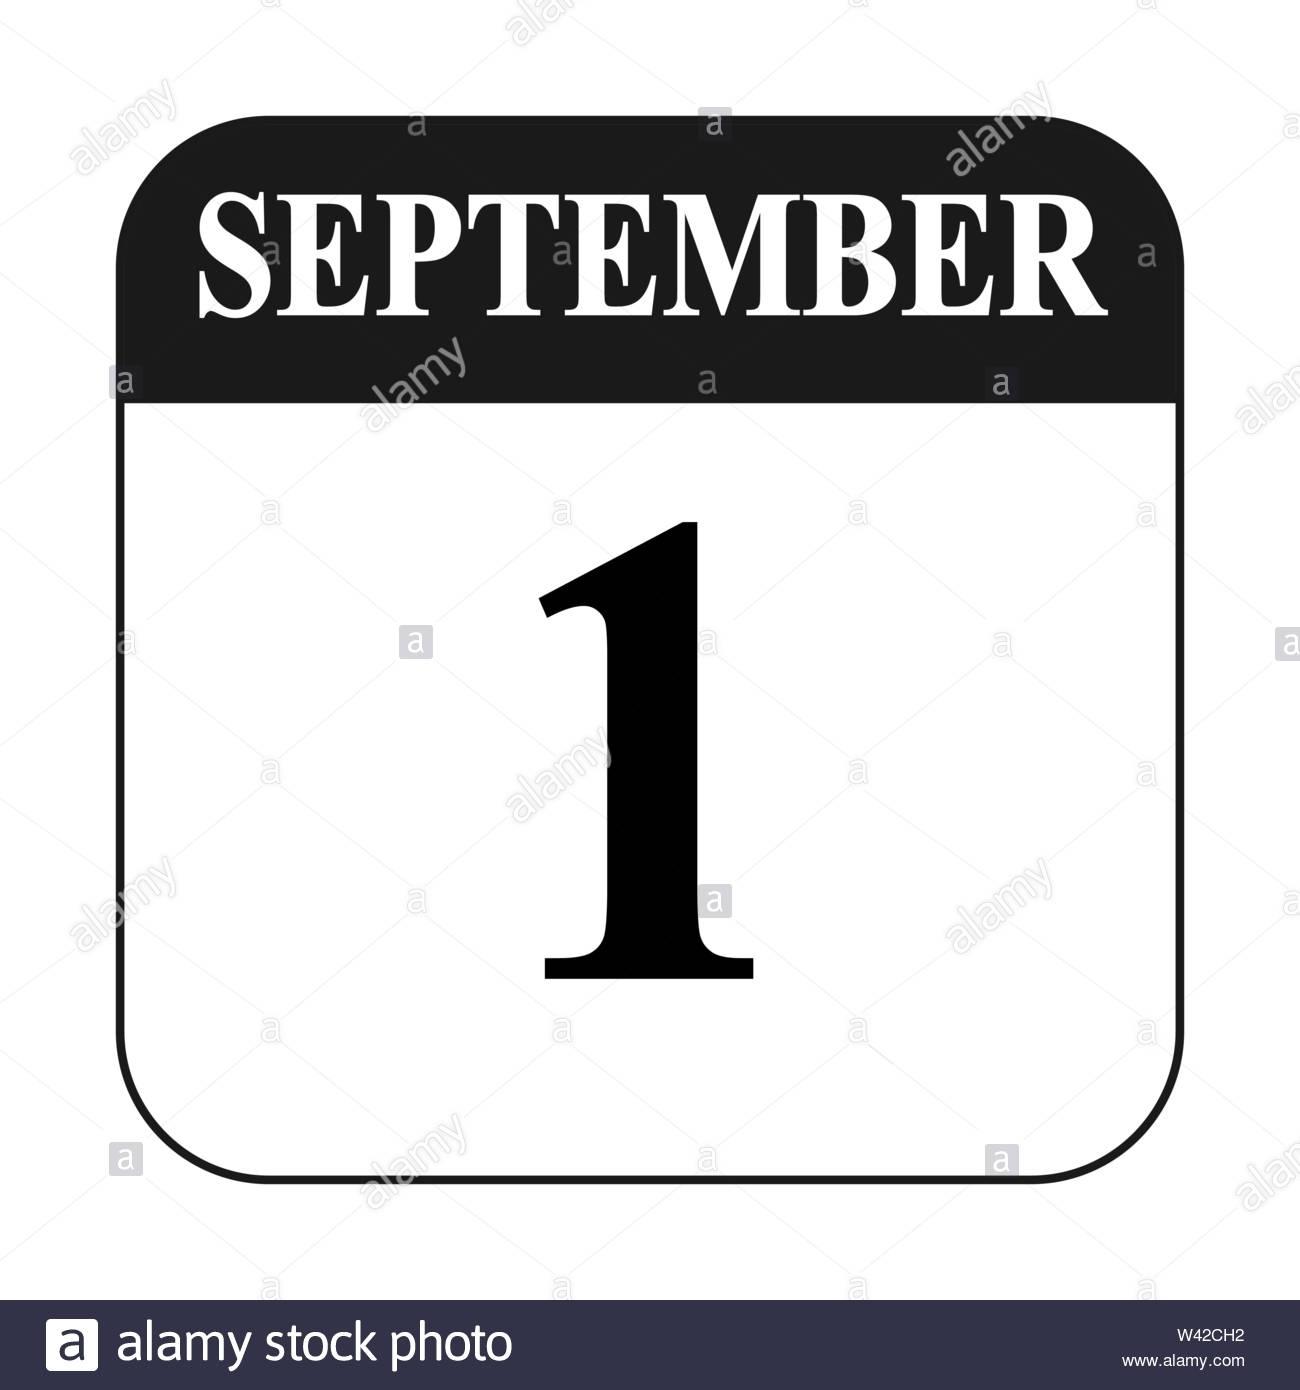 Catch 12Th September 2021 Julian Date - Best Calendar Example